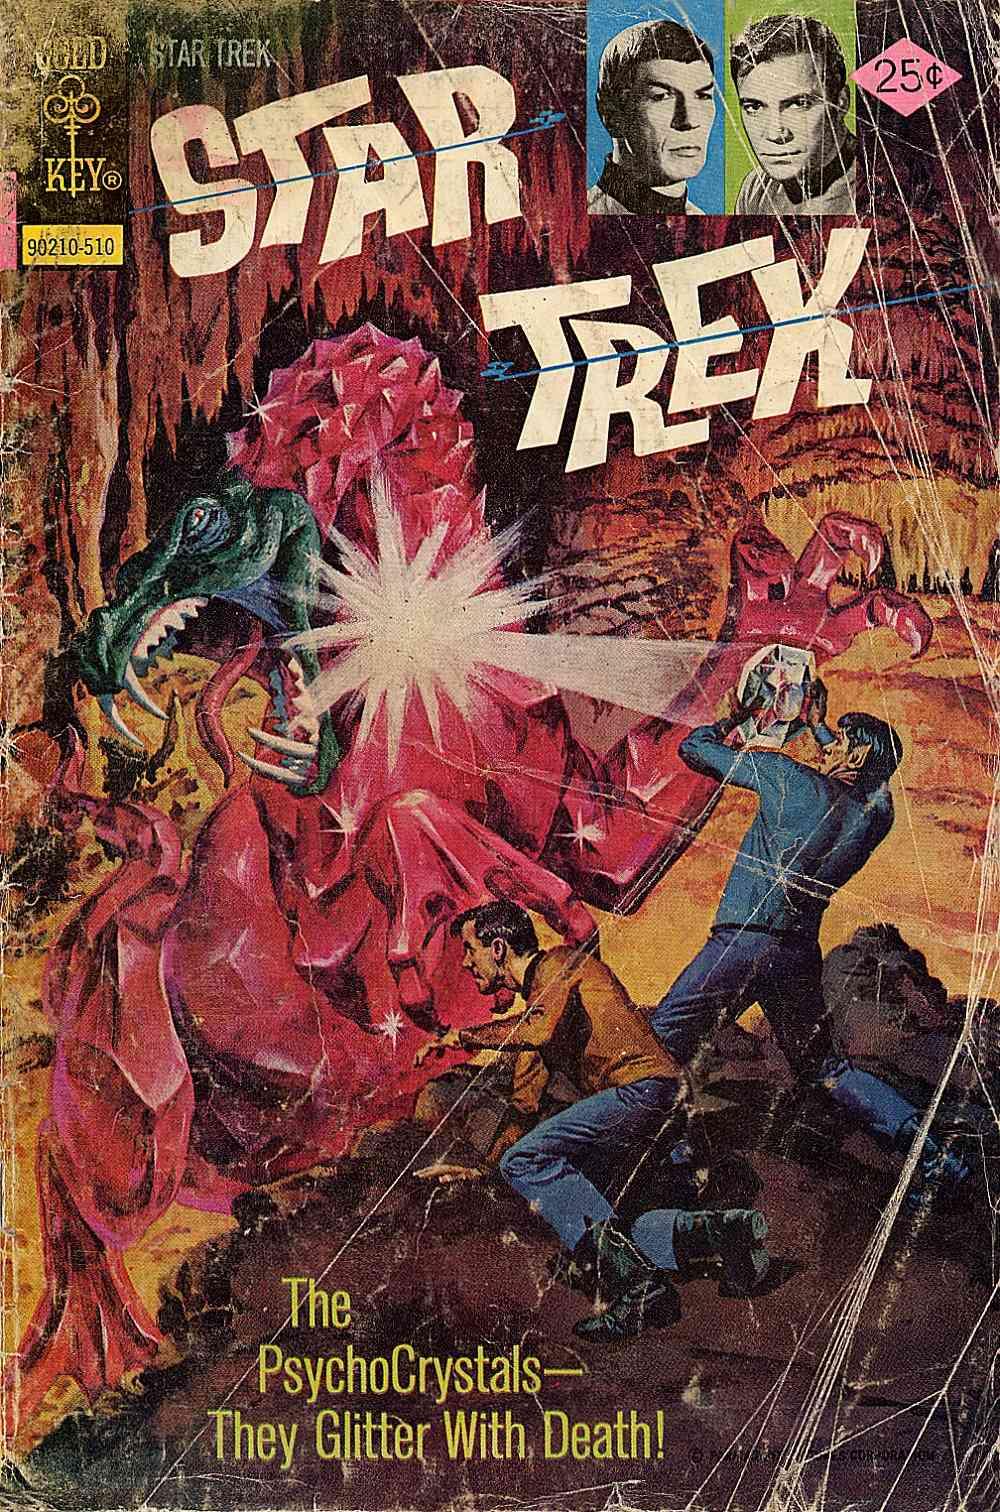 Star Trek (1967) issue 34 - Page 1